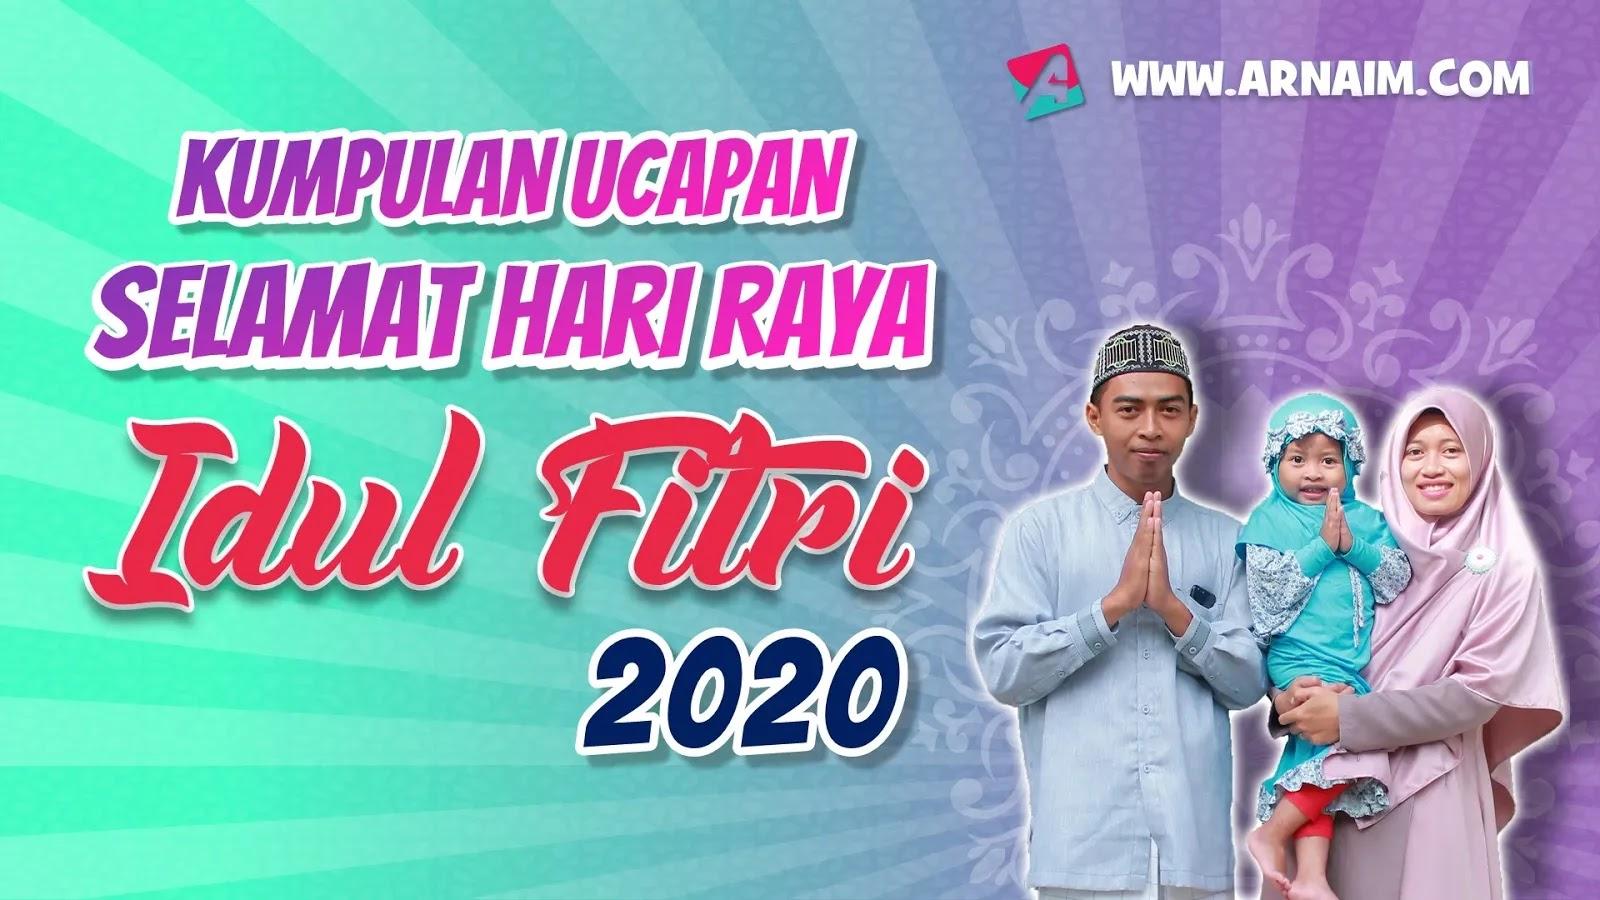 ARNAIM.COM - KUMPULAN UCAPAN SELAMAT HARI RAYA IDUL FITRI 2020